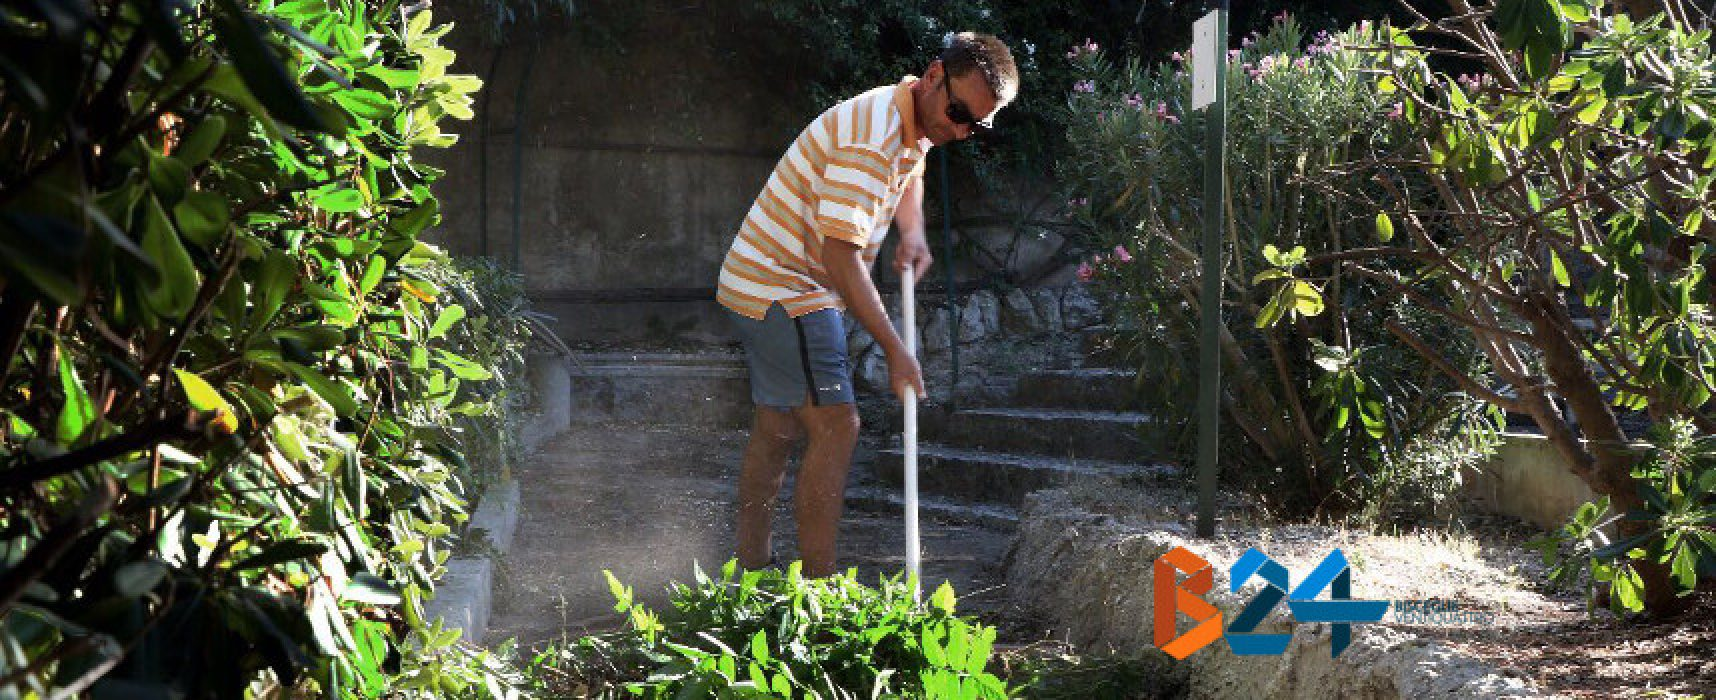 """Il giardino botanico riapre con l'iniziativa """"NoiZapp"""" dell'Aps Mosquito /FOTO"""